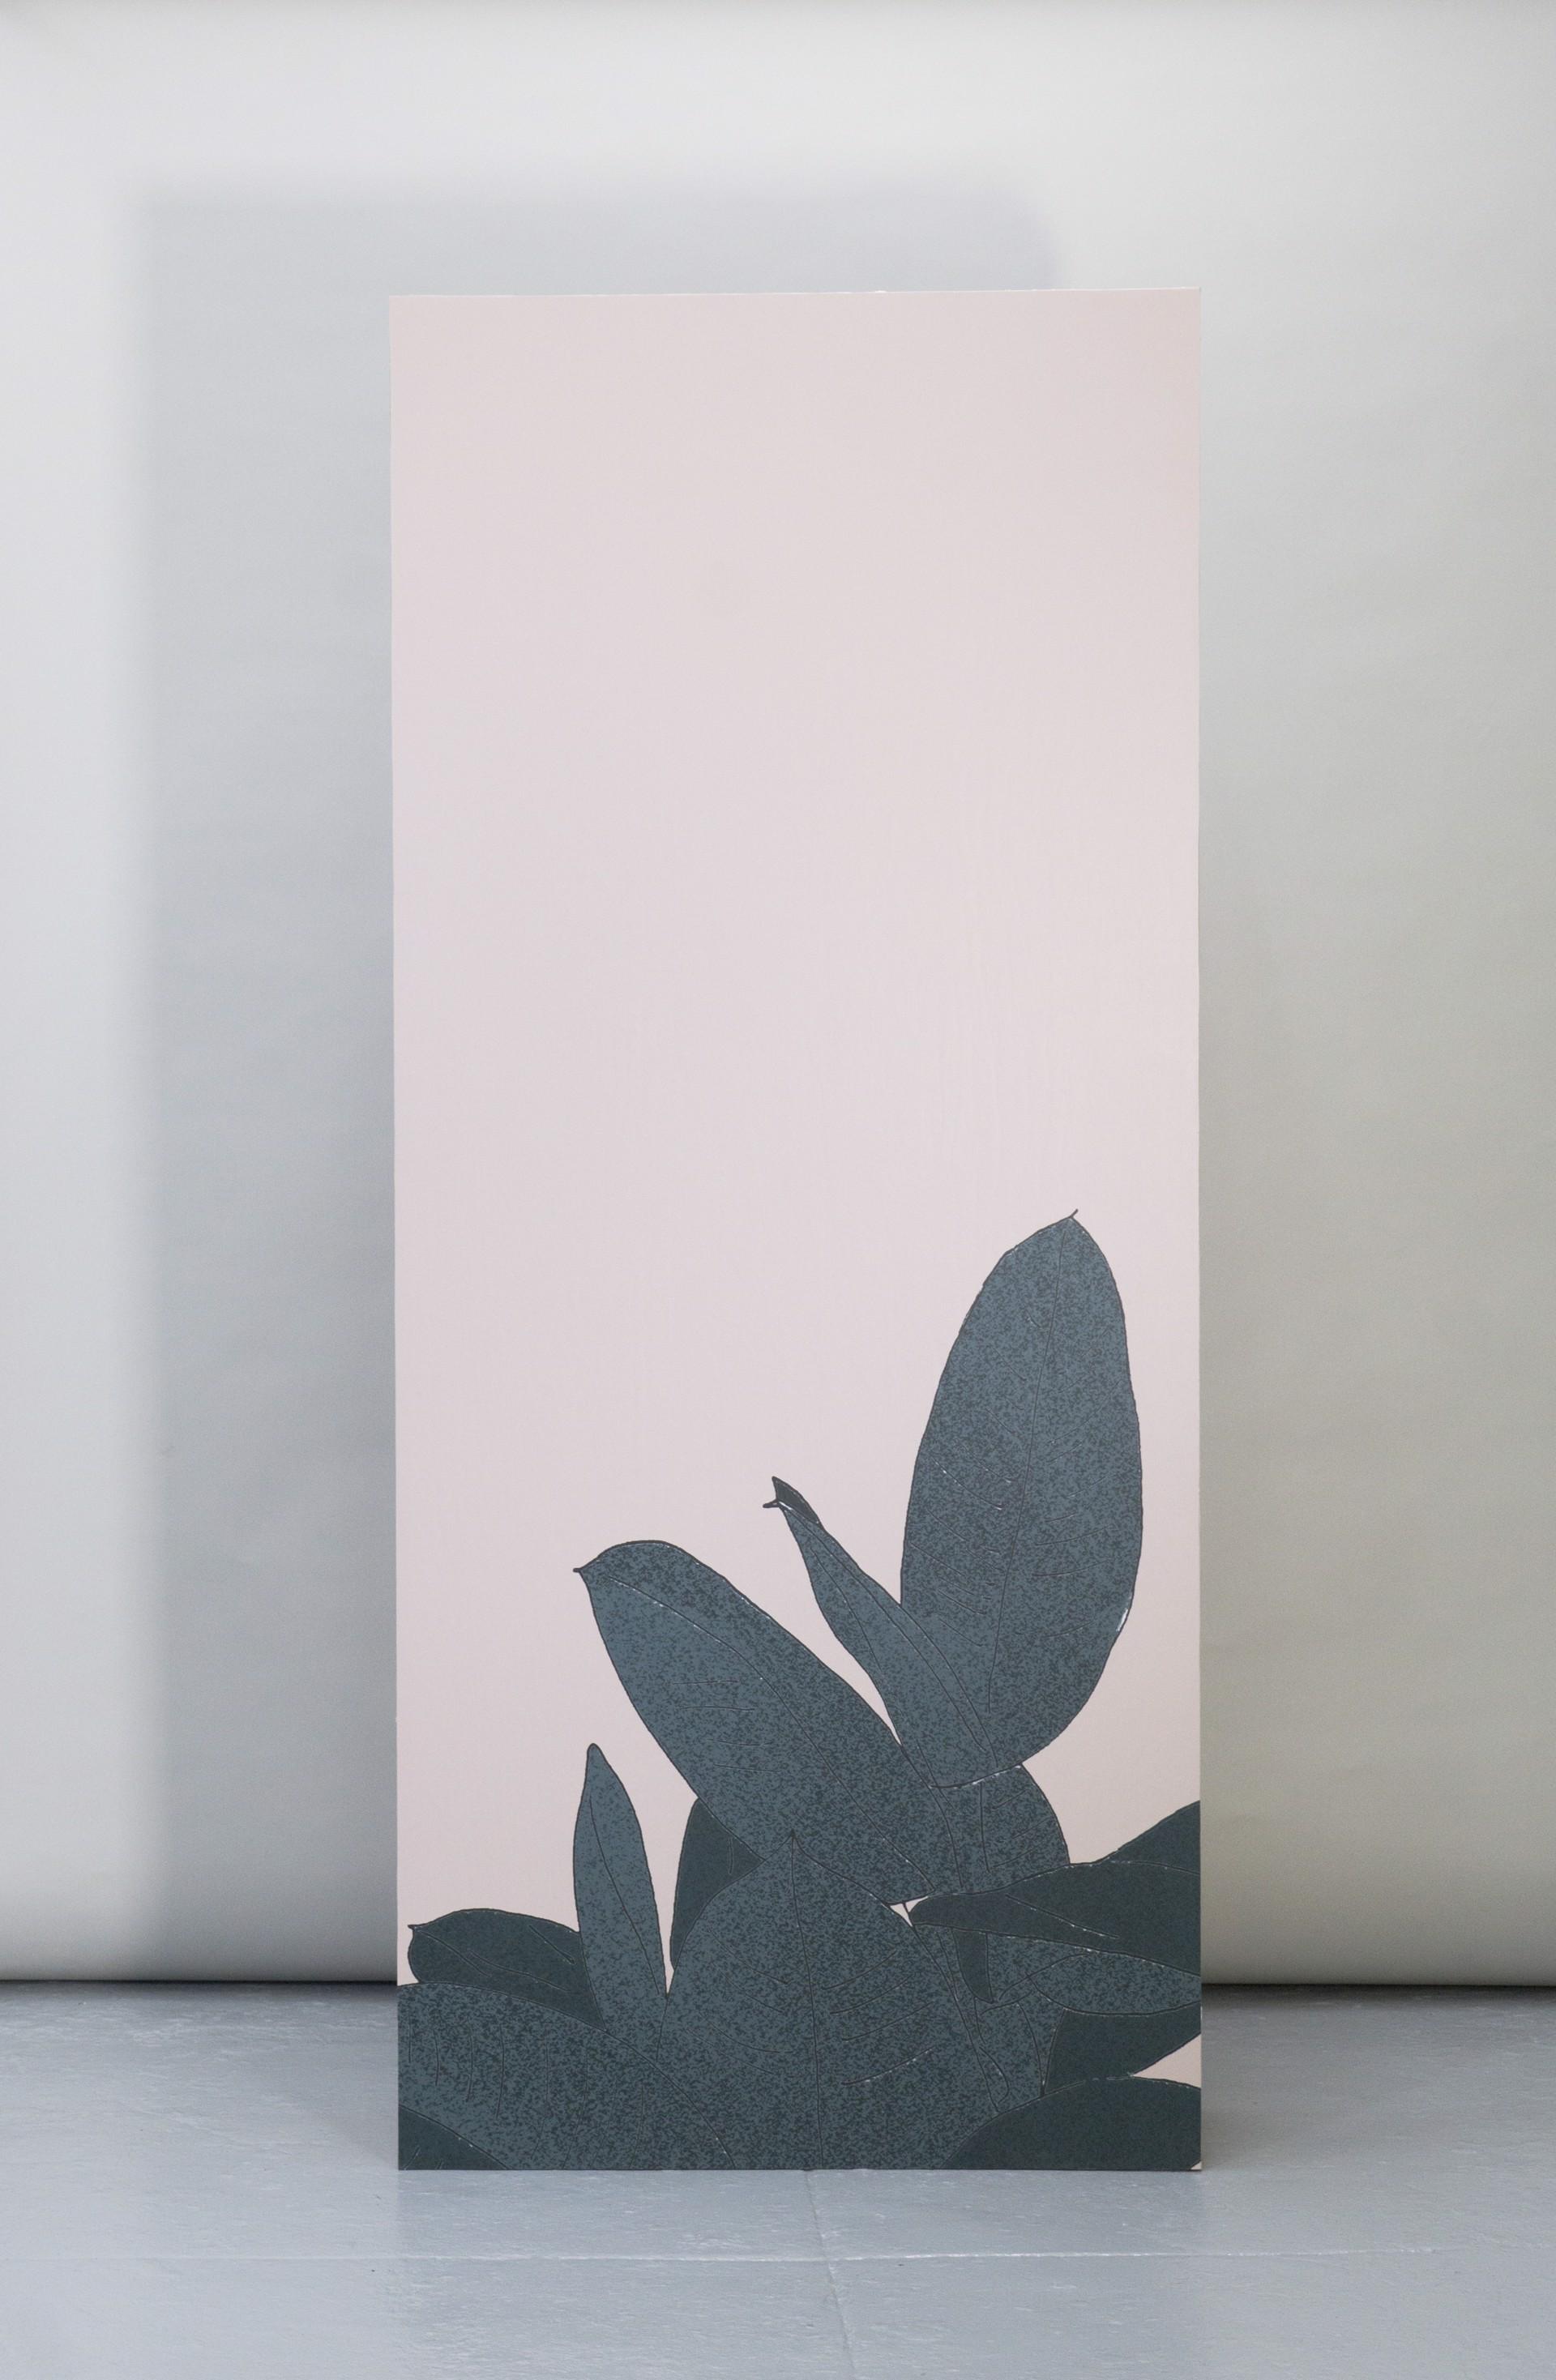 Wall paper by Tinatin Kilaberidze